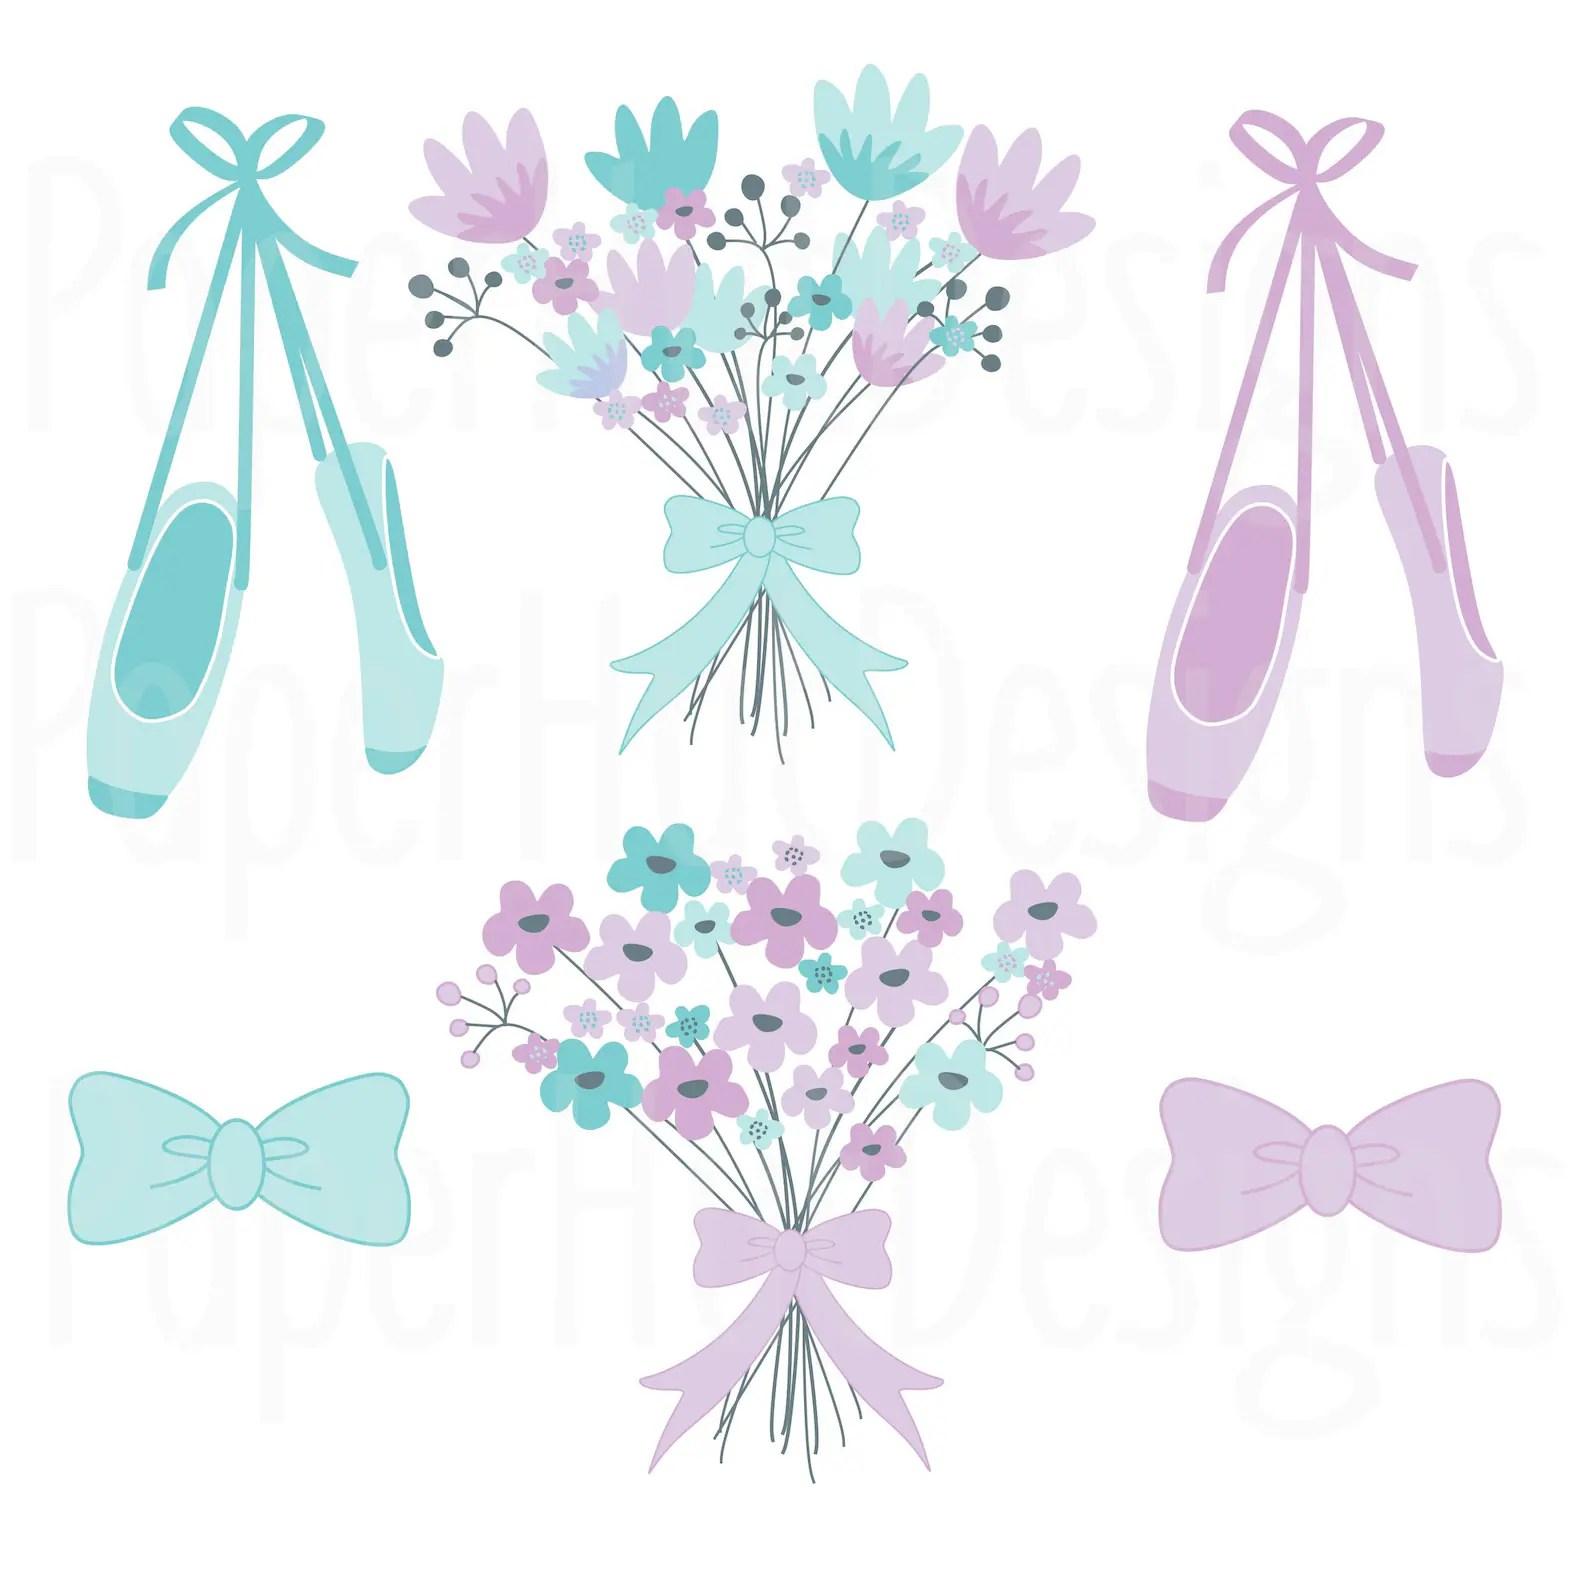 hight resolution of ballerina clipart ballet clipart ballerina clip art digital paper set lavender aqua ballet